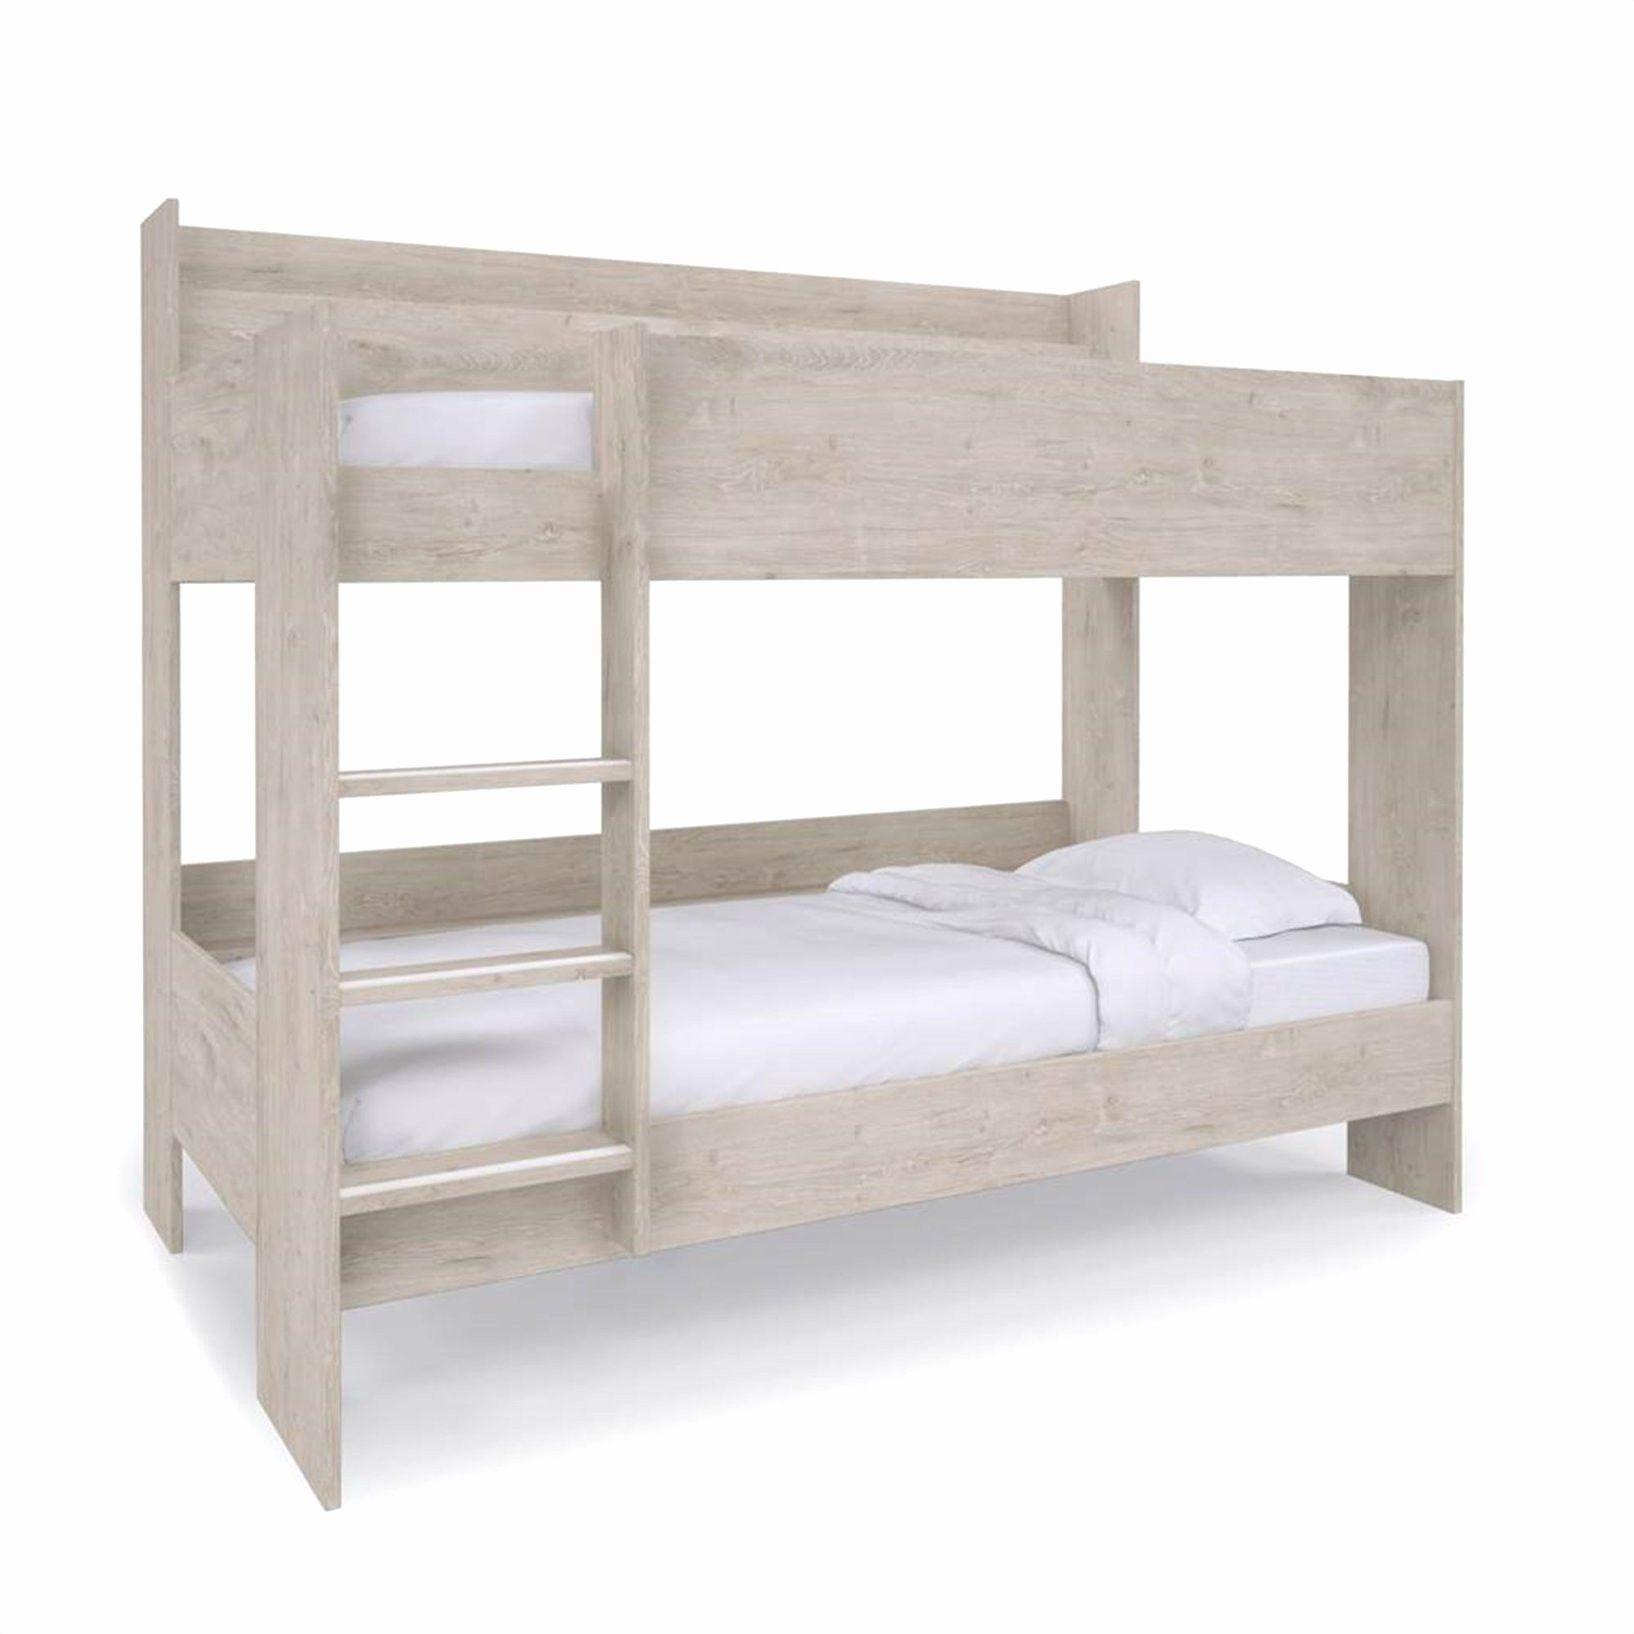 lit superpos le bon coin inspirant lit mezzanine noah. Black Bedroom Furniture Sets. Home Design Ideas